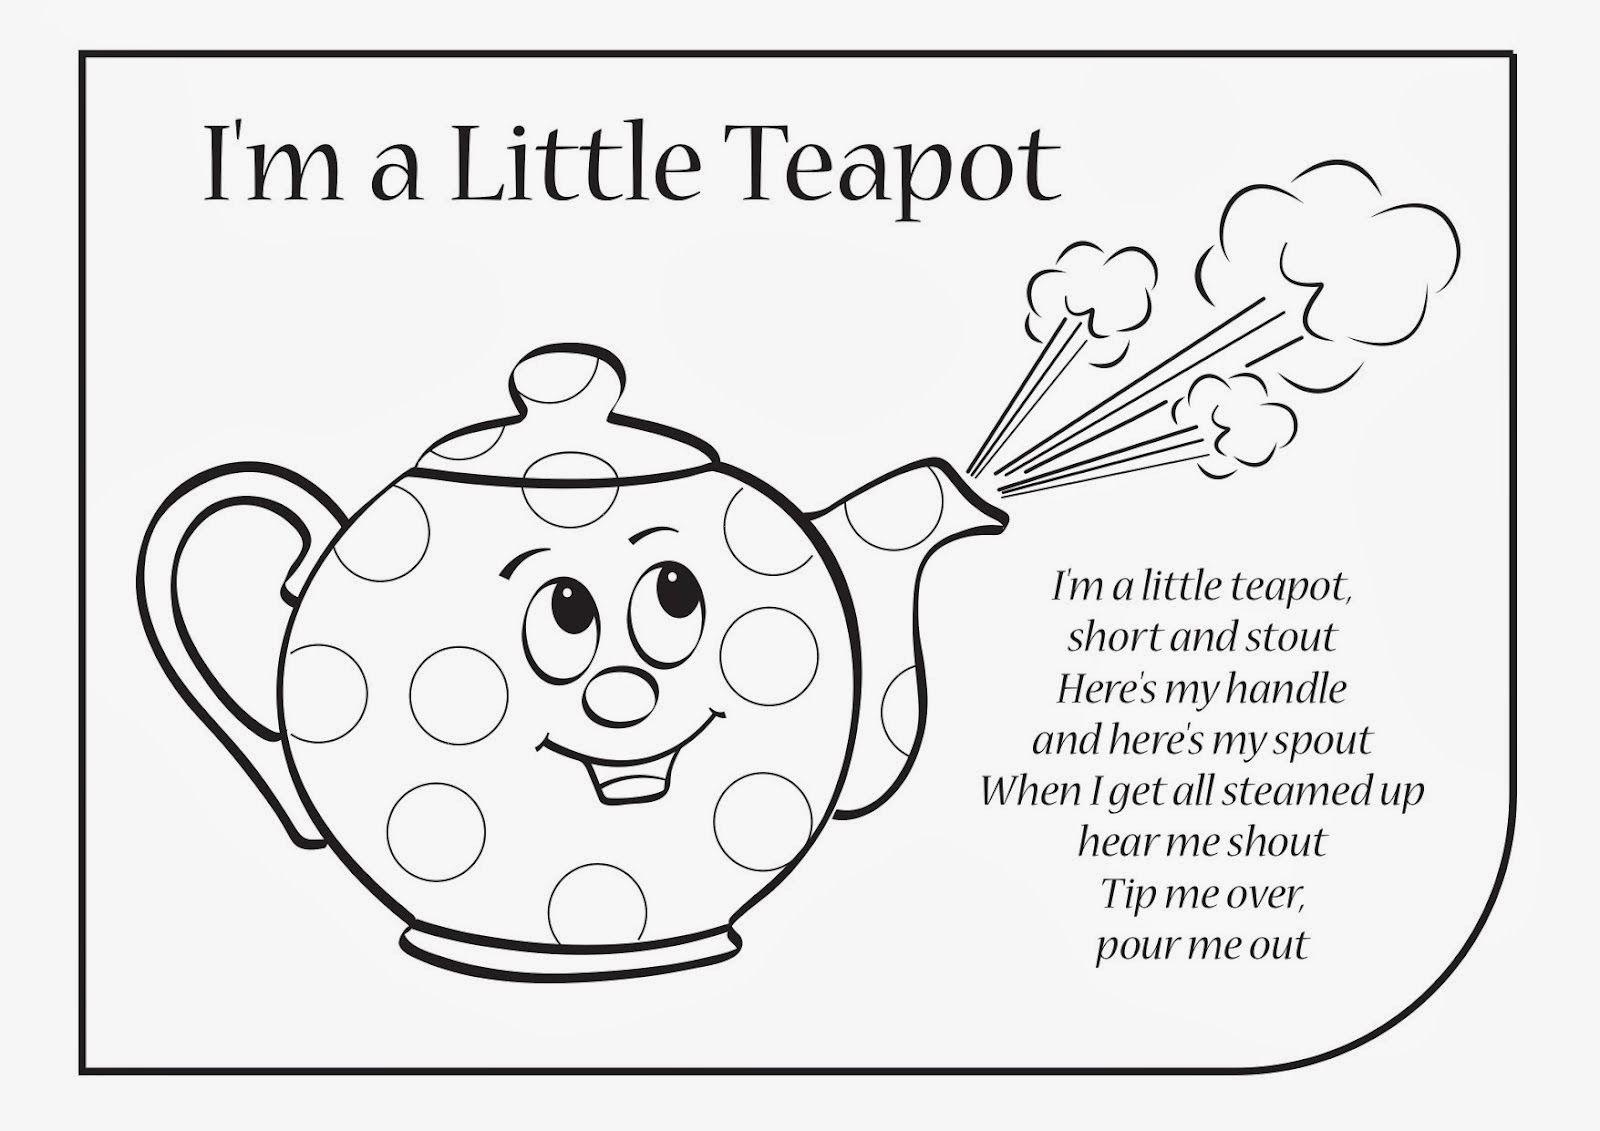 Tea Pot Coloring Sheets Google Search Nursery Rhymes Activities Nursery Rhymes Preschool Nursery Rhyme Crafts [ 1131 x 1600 Pixel ]